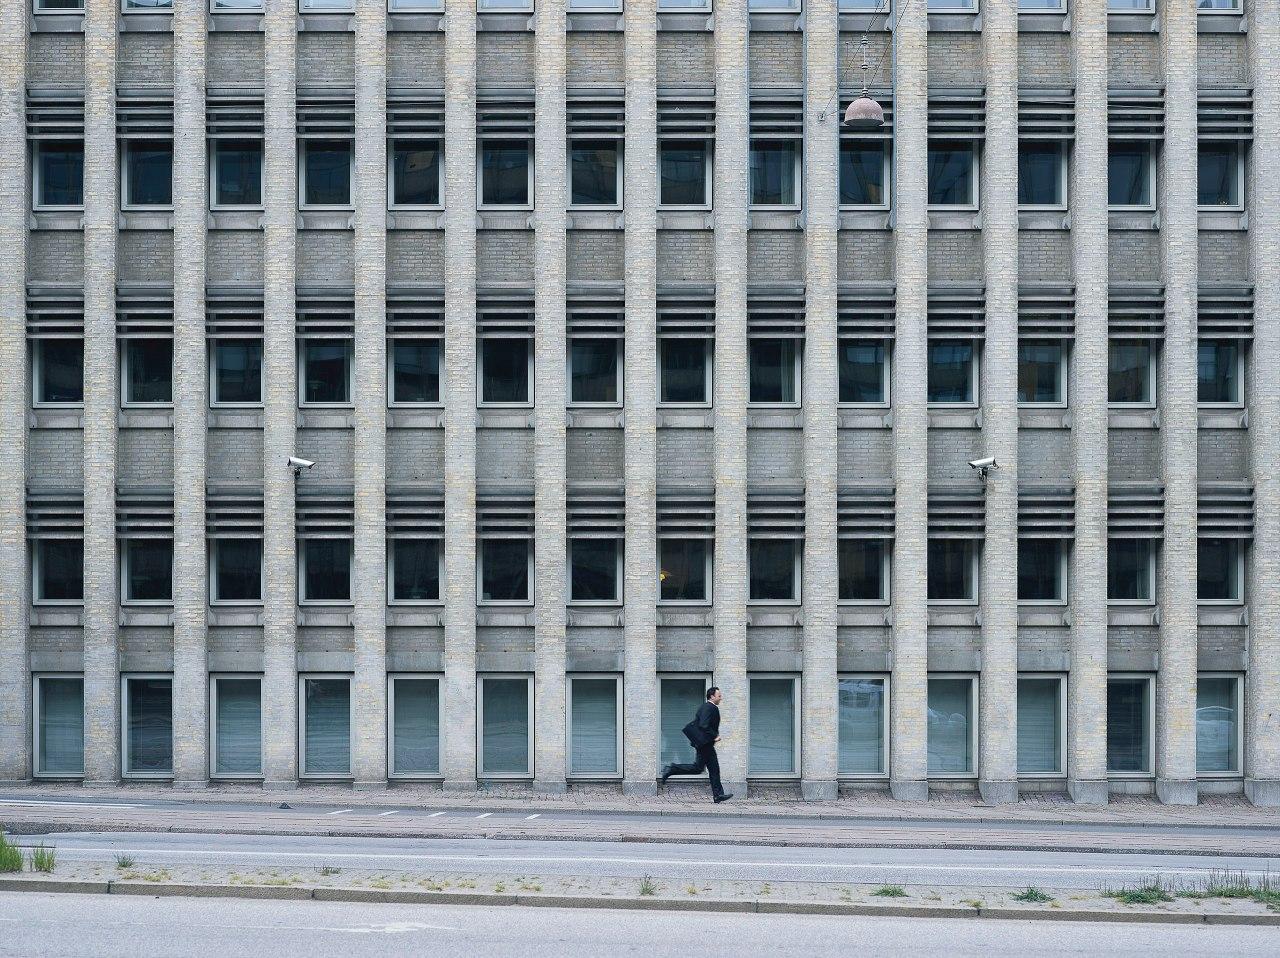 Copenhagen, Denmark - Eva Avril photographie